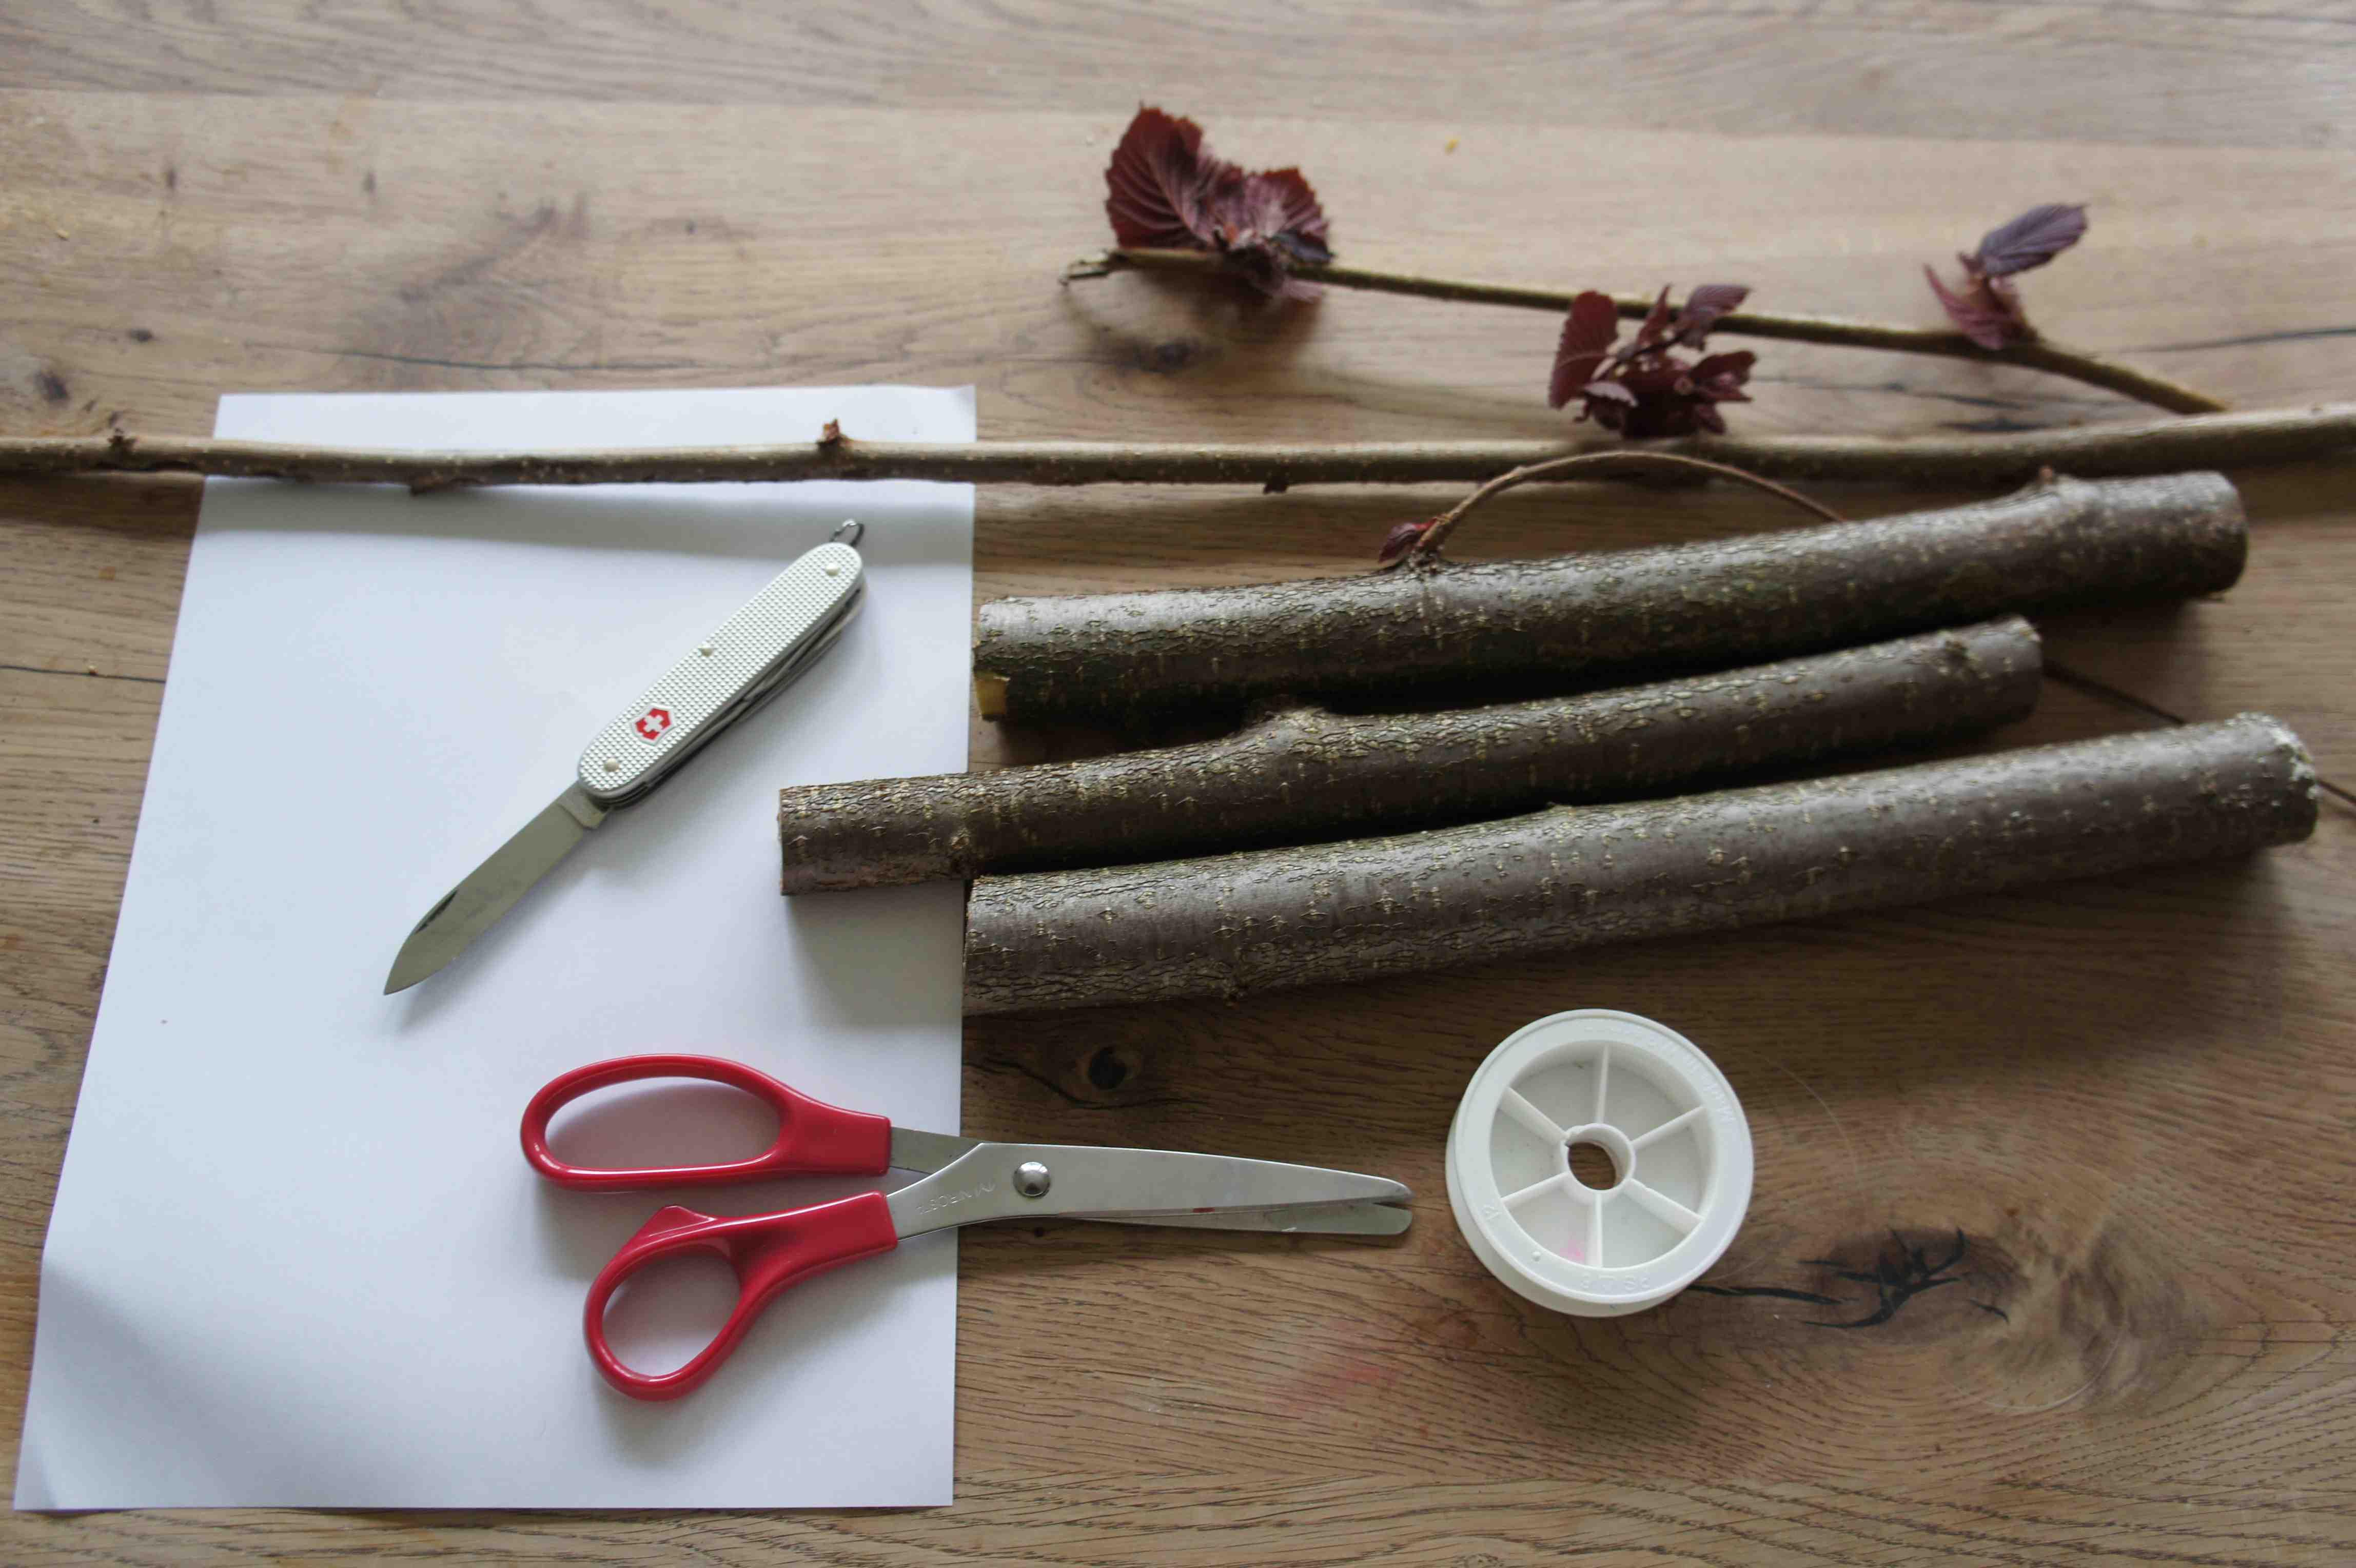 Hier Ist Alles Was Ihr Für Die Bastelei Mit Den Kindern Braucht: Holz,  Papier